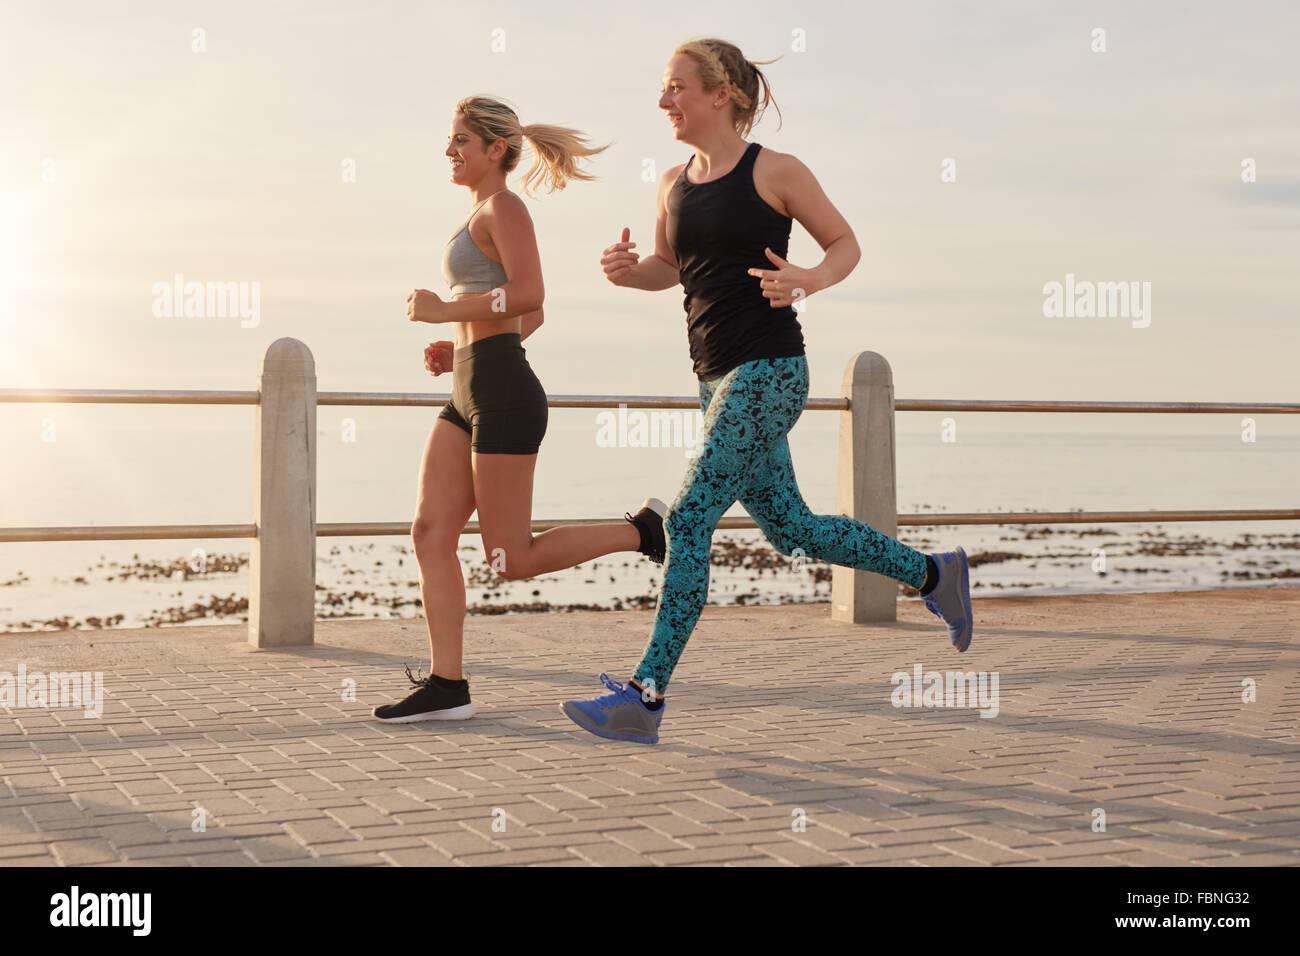 Deux jeunes femmes en marche le long d'une promenade en bord de mer. Mettre en place les jeunes coureurs travaillant Photo Stock